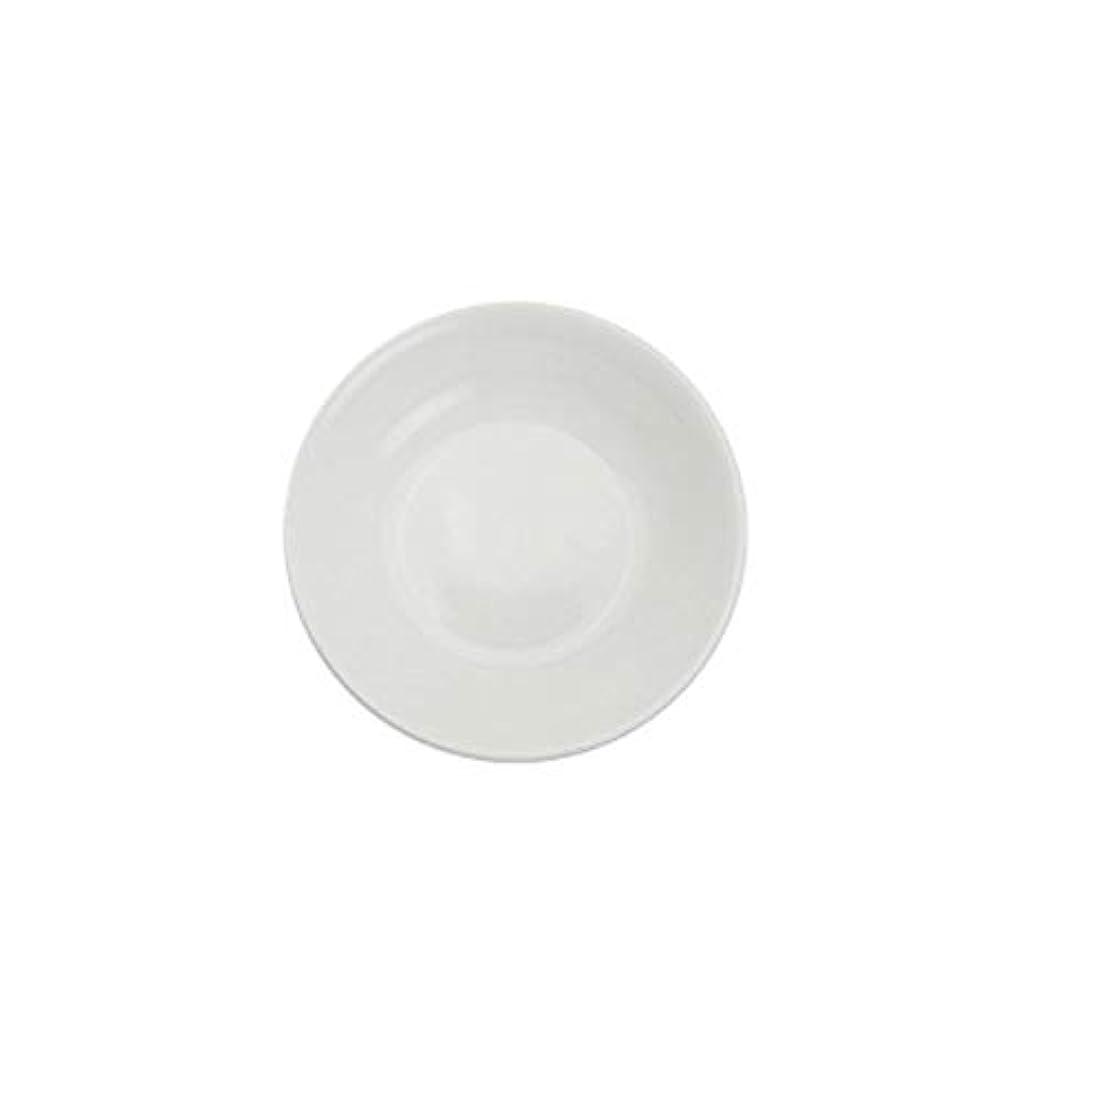 これらペダル起きてお換えのお皿 白いお皿 茶香炉 陶器茶香炉 茶こうろ 茶 インテリア アロマディフューザー 精油和風 アロマ リビング セットお皿だけ